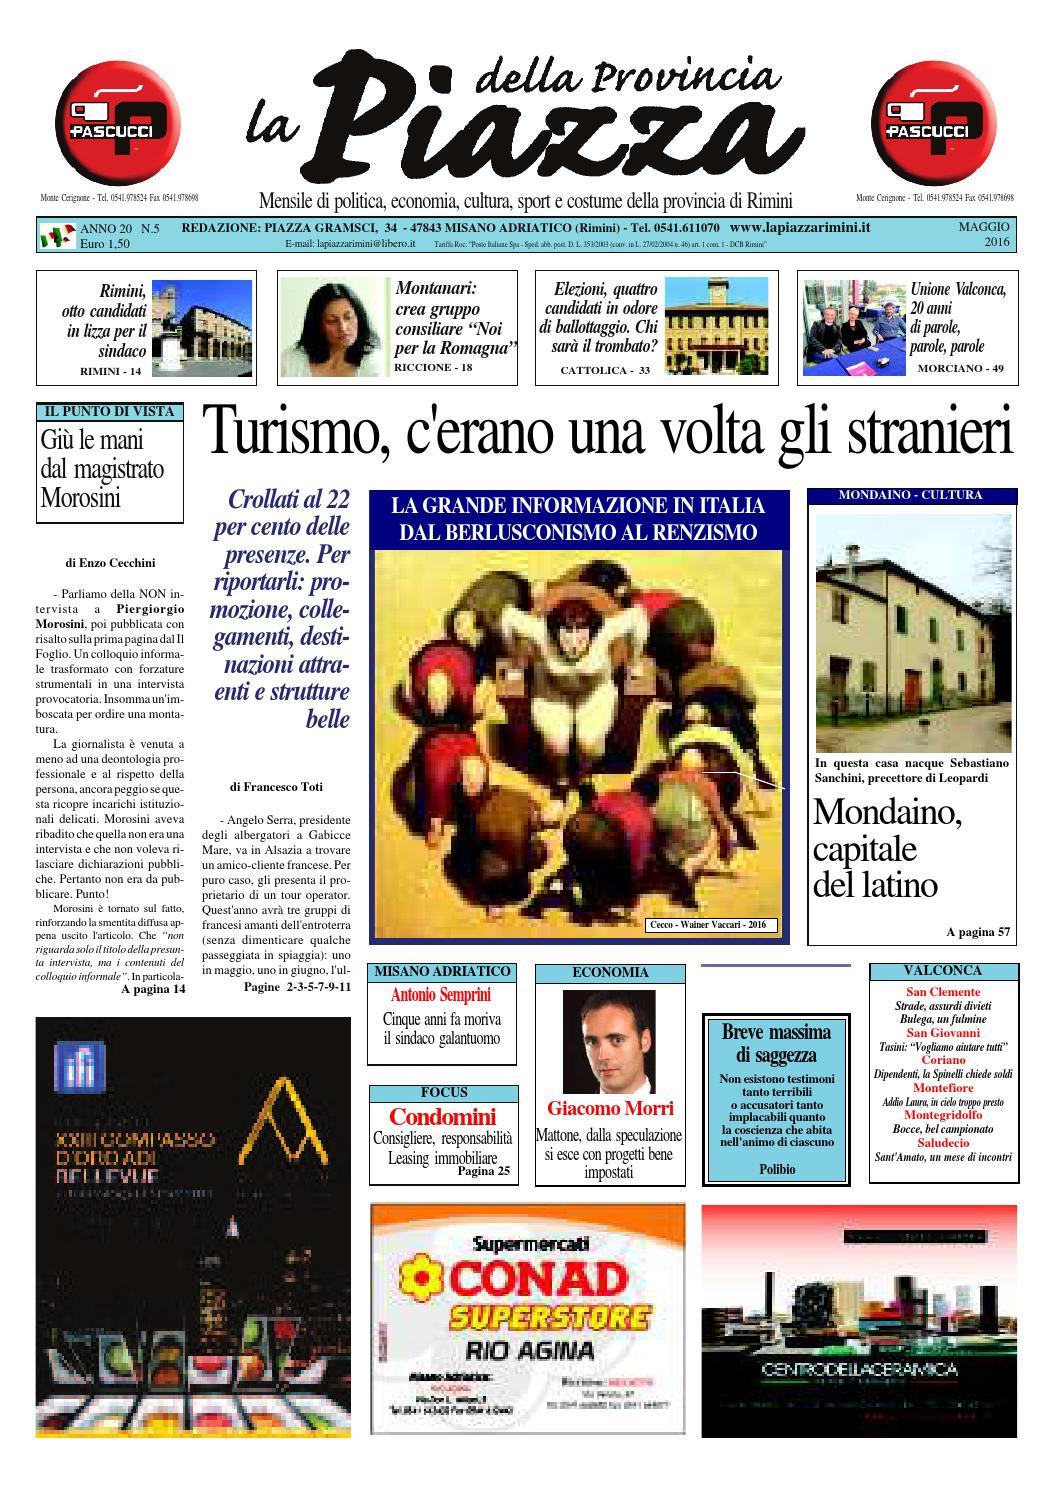 Maggio 2016 - La Piazza Rimini by La Piazza della Provincia - issuu 2e21365269e